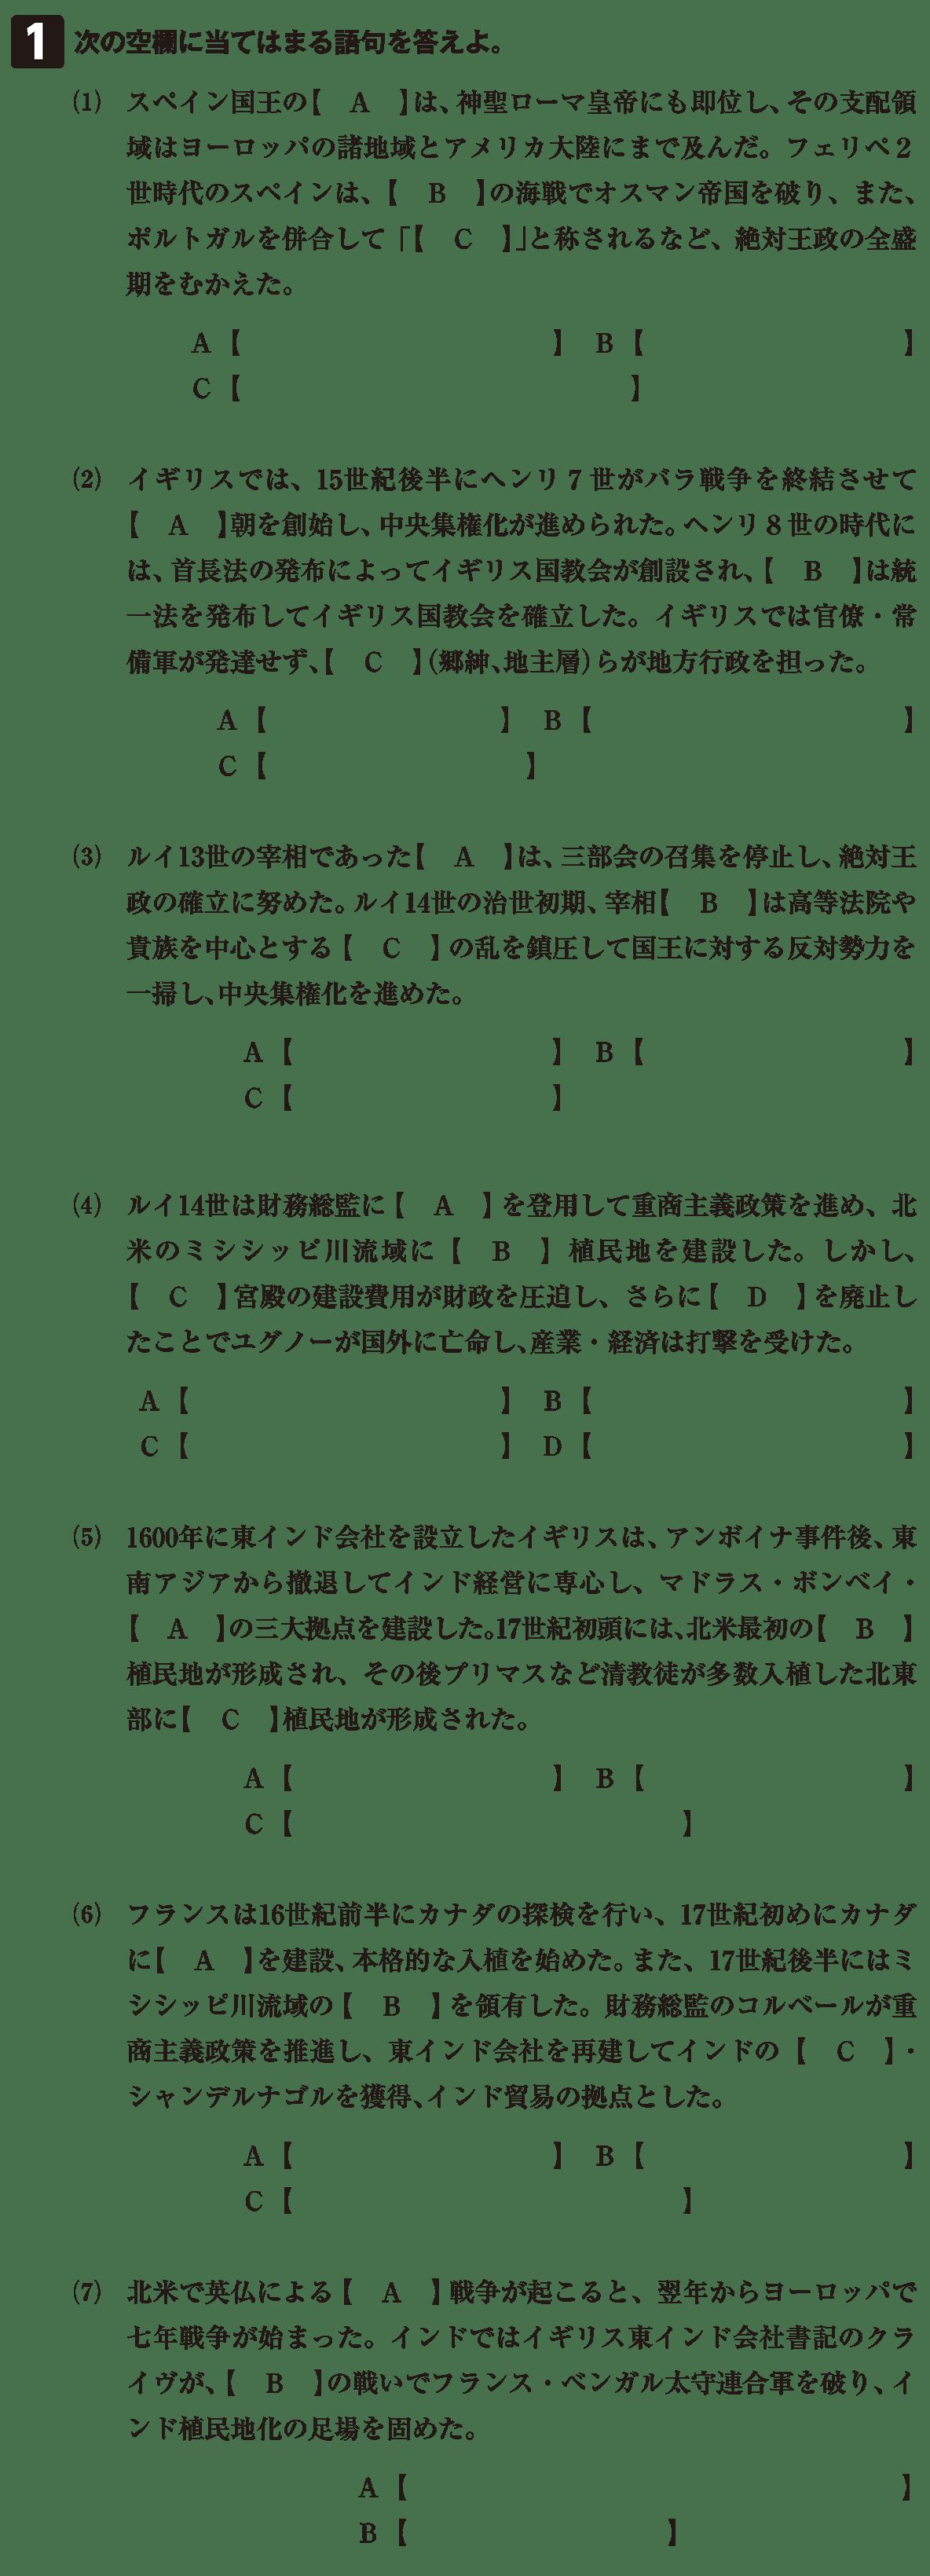 高校世界史 主権国家体制と西欧絶対王政6 確認テスト(前半)